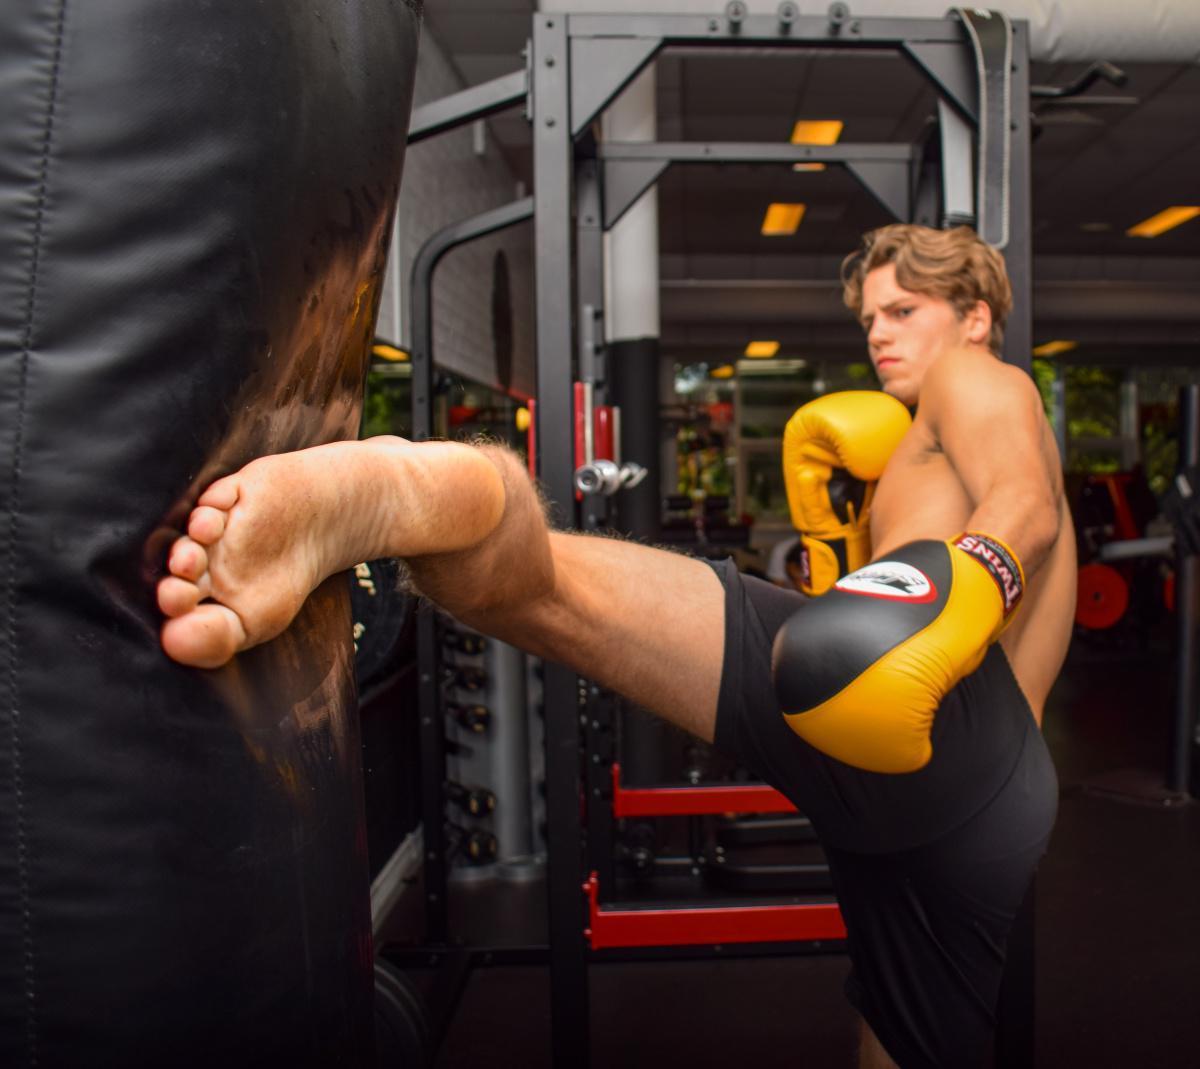 Le MMA Fitness